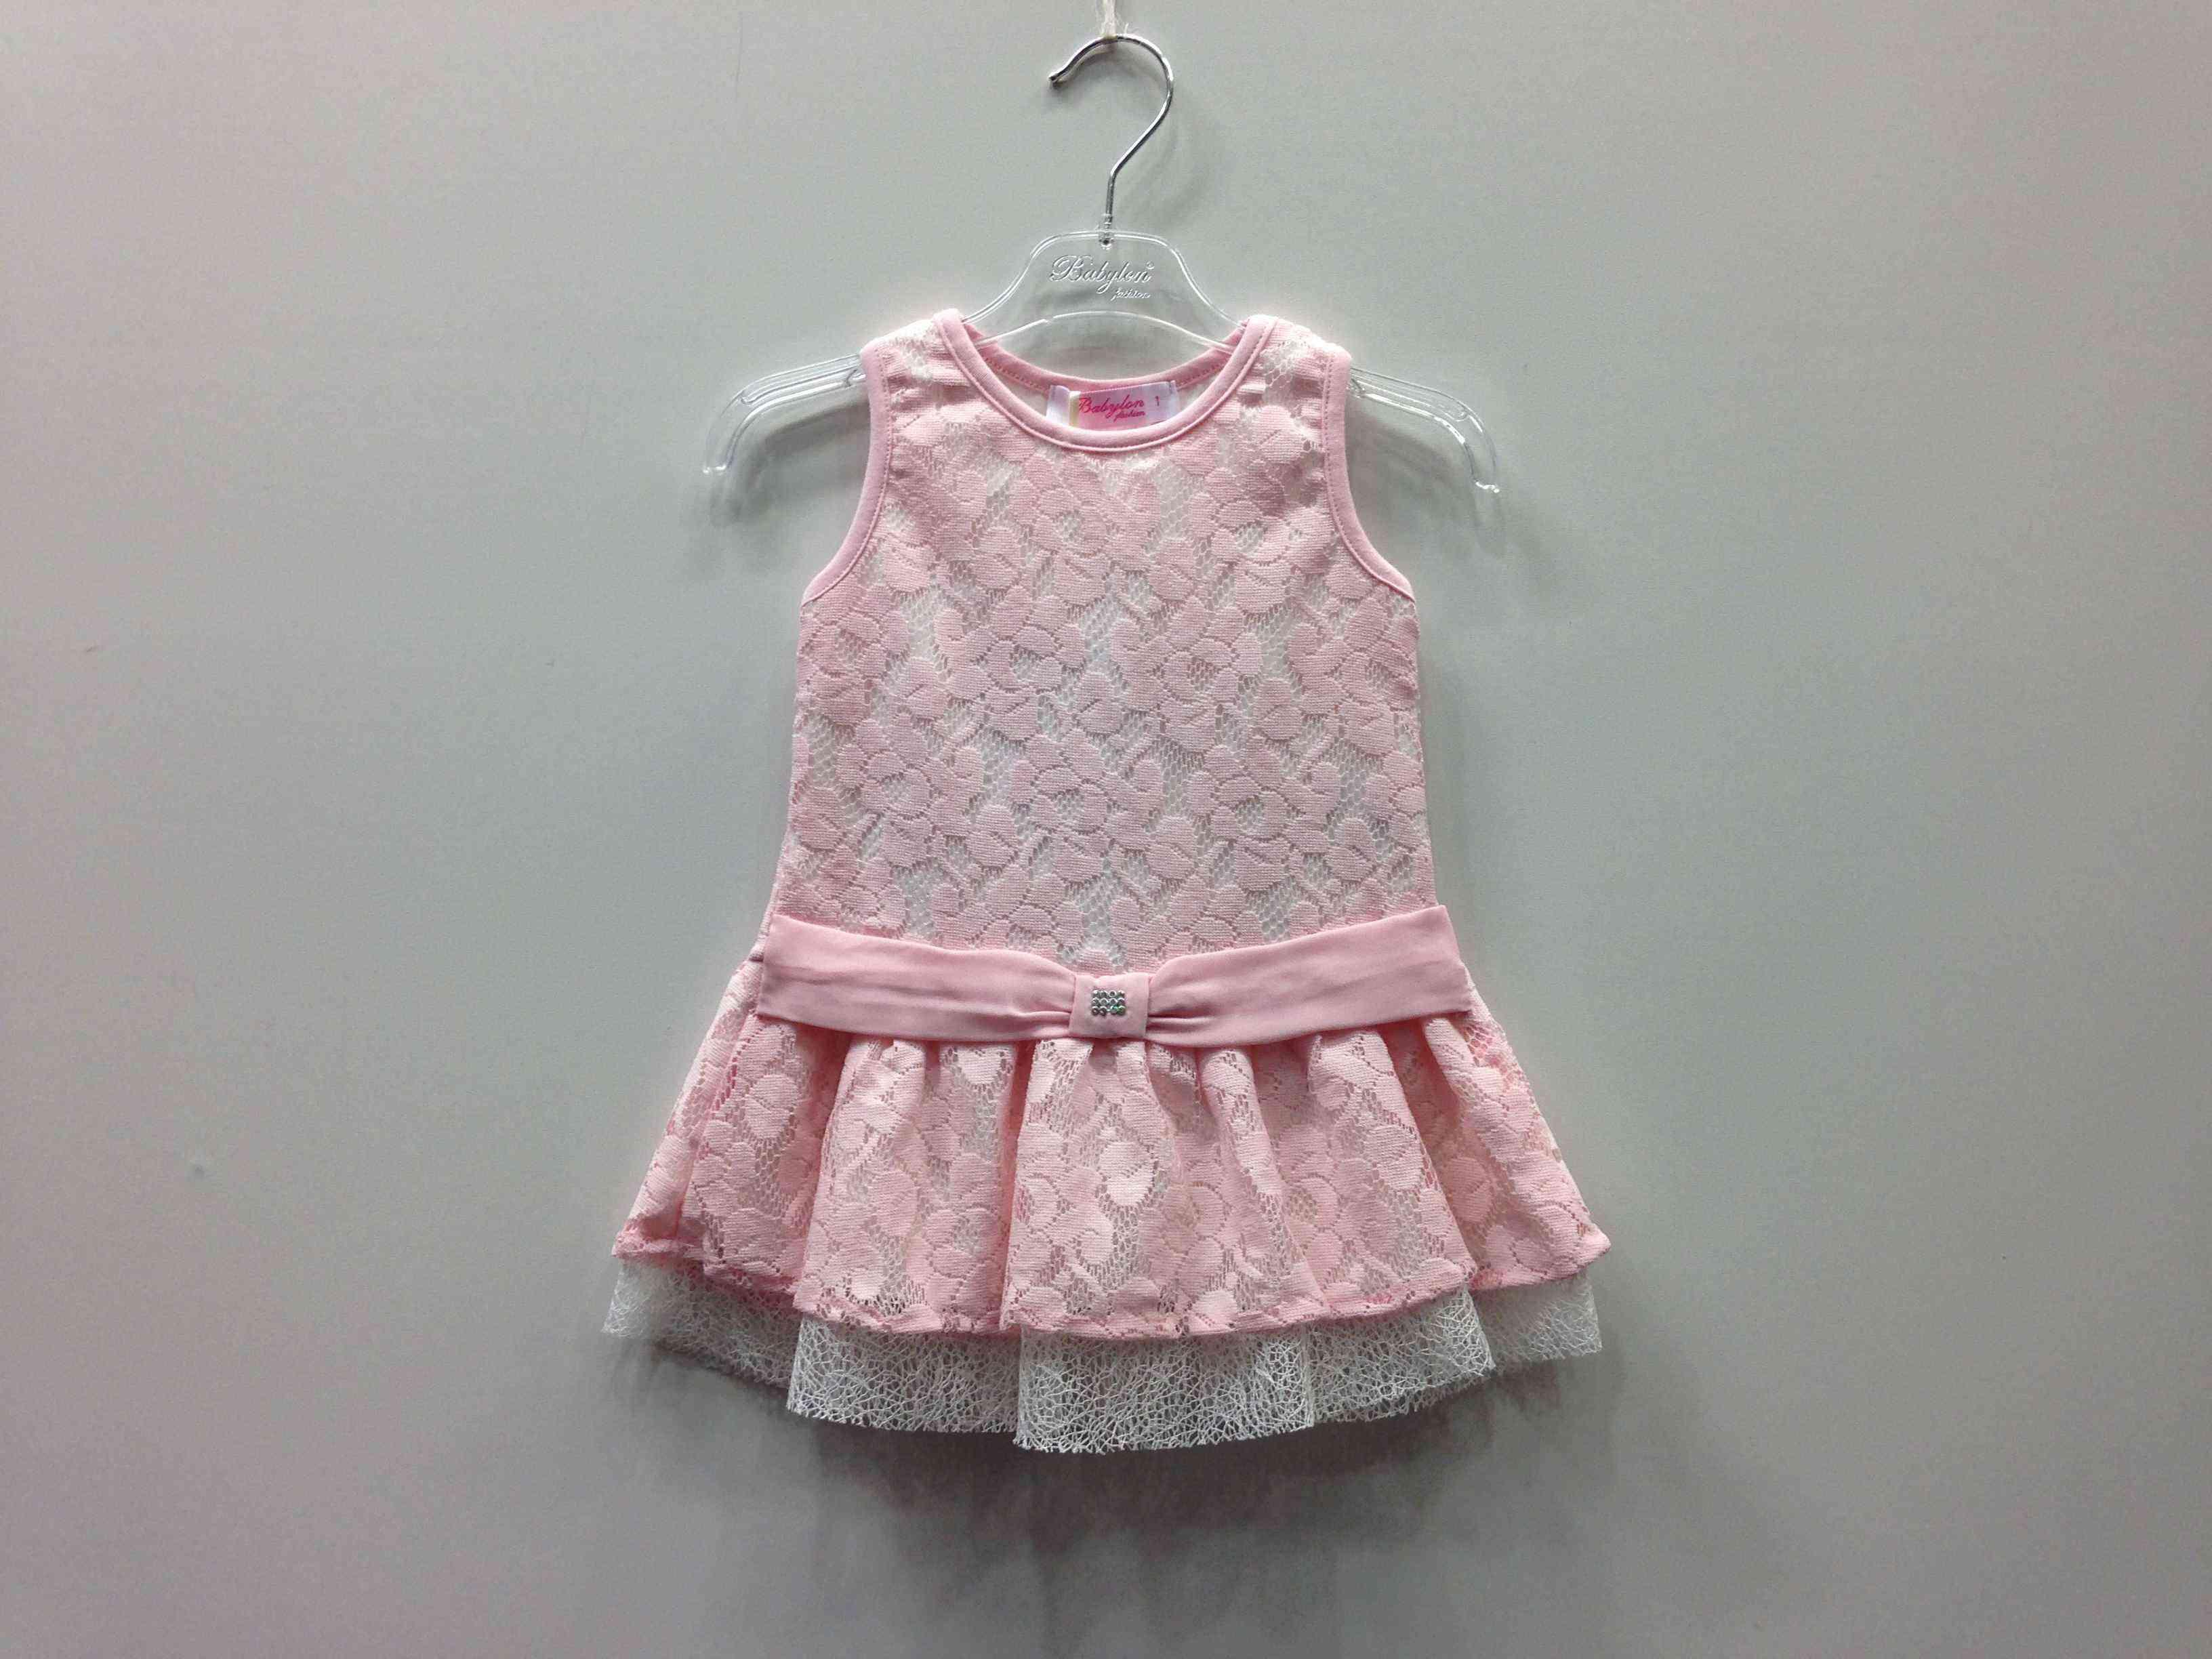 8745215d7e8 BABYLON φόρεμα δαντέλα, αμάνικο σε 2 χρώματα -